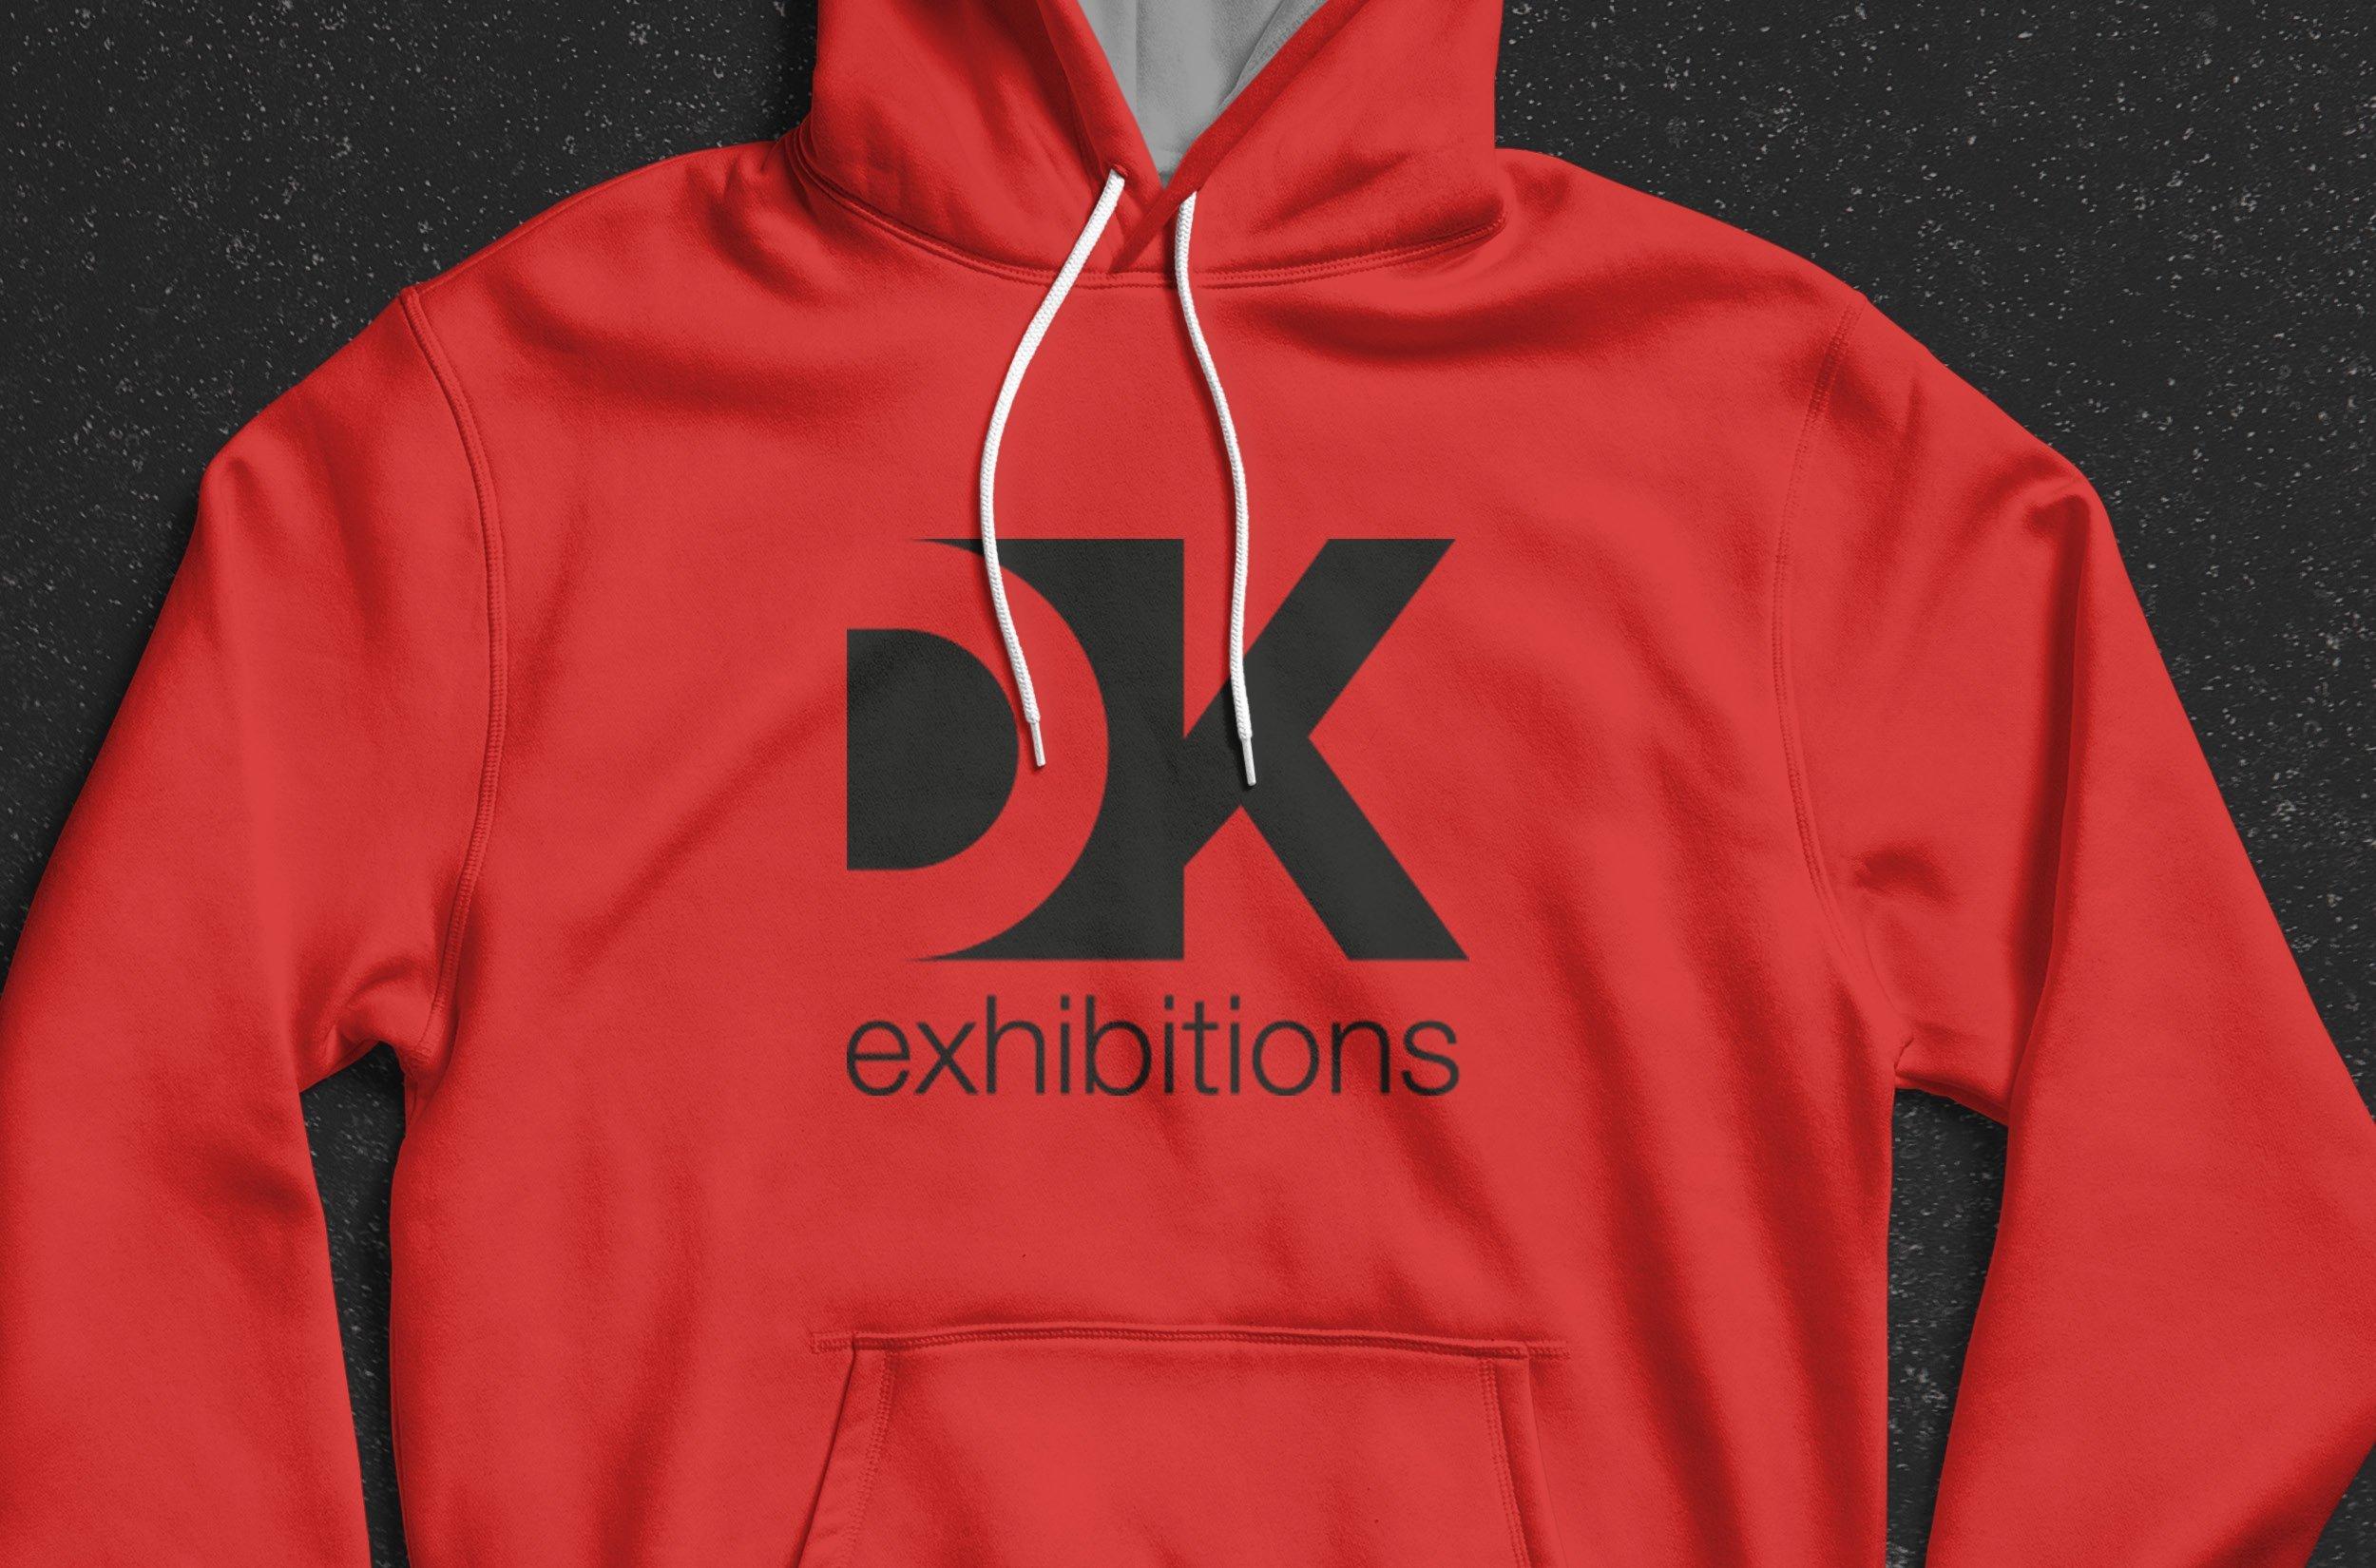 DK exhibitions hoodie